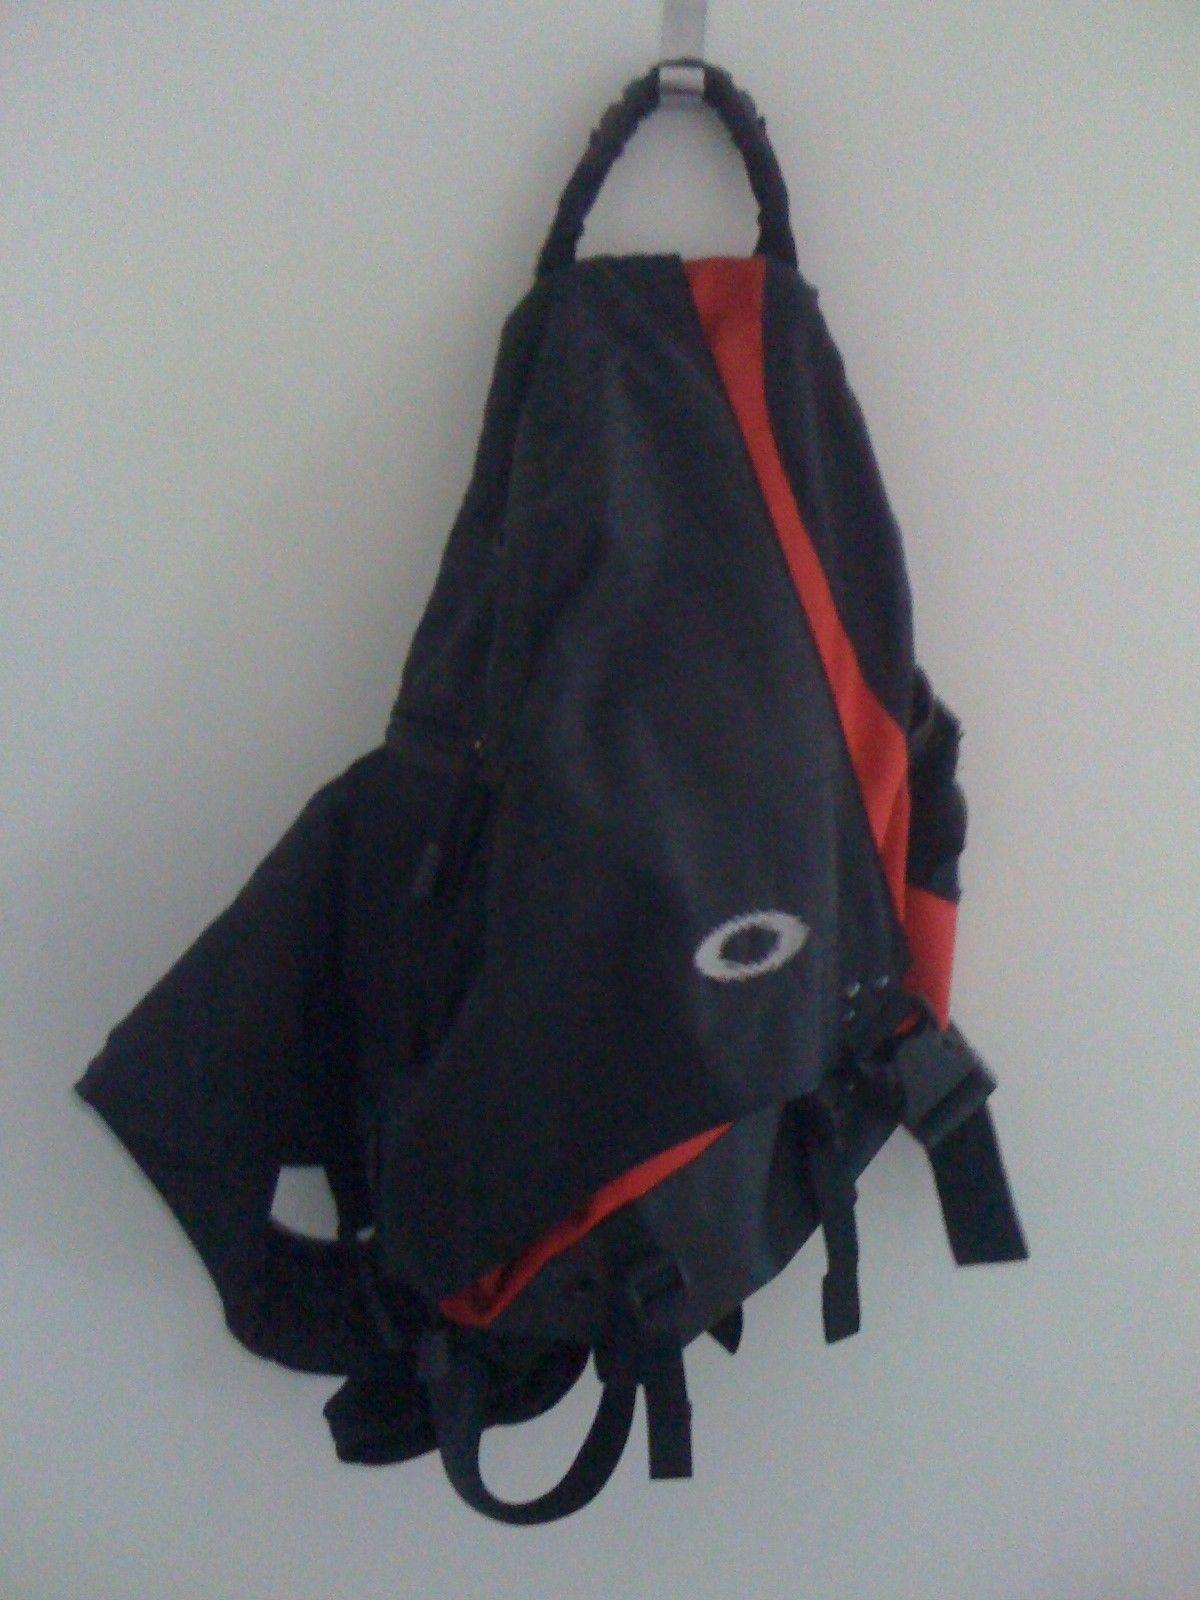 Oakleynerd's N° 3000 yeeha - obags5.jpg